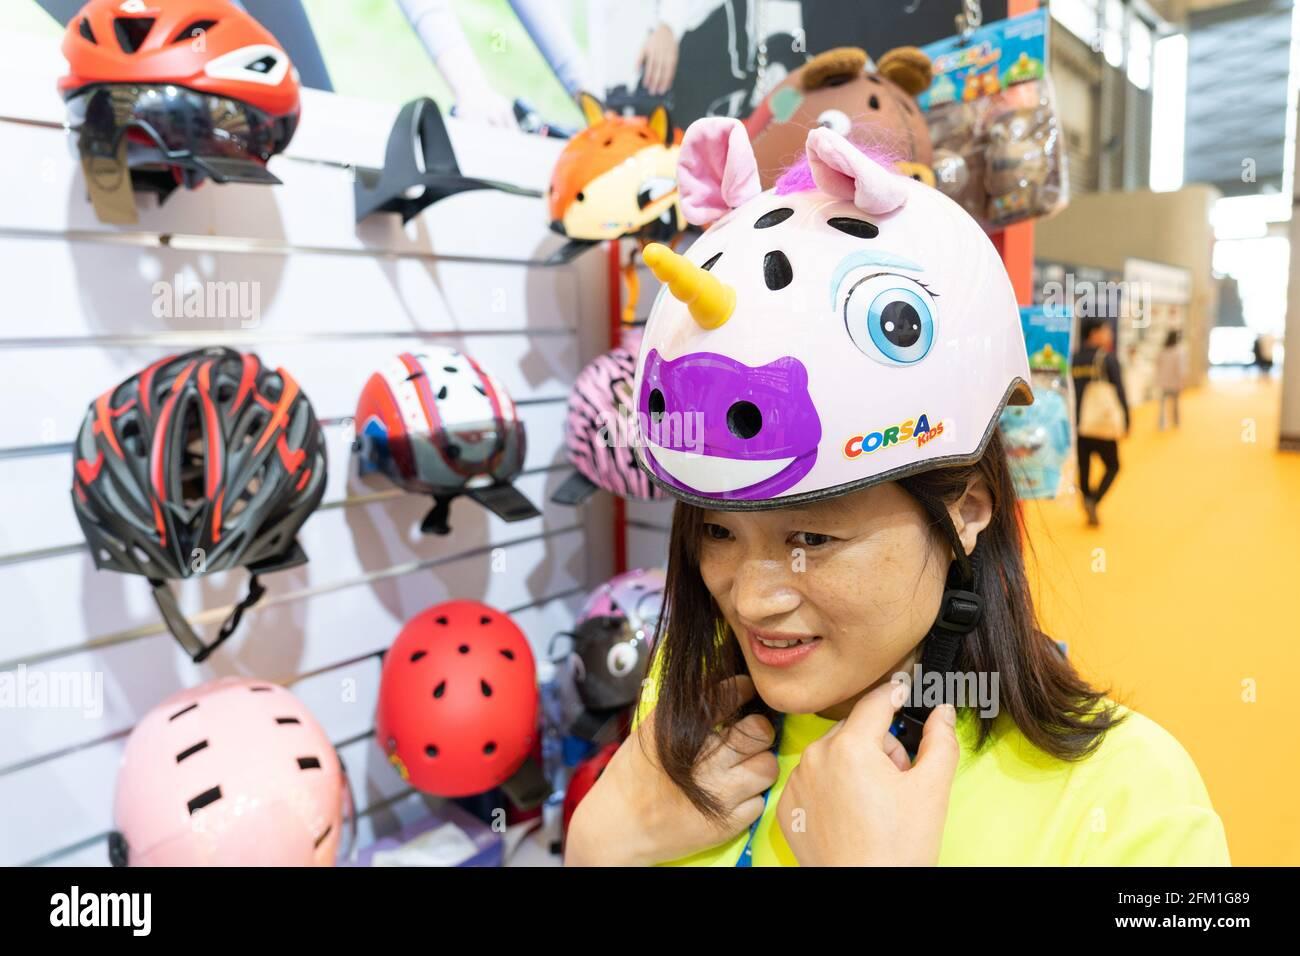 Shanghai. 5 mai 2021. Un membre du personnel présente un casque en forme de personnage de dessin animé lors de la 30e China International Bicycle Fair à Shanghai, en Chine orientale, le 5 mai 2021. L'événement de quatre jours a débuté mercredi, attirant plus de 1,000 entreprises à y participer. Credit: CAI Yang/Xinhua/Alay Live News Banque D'Images